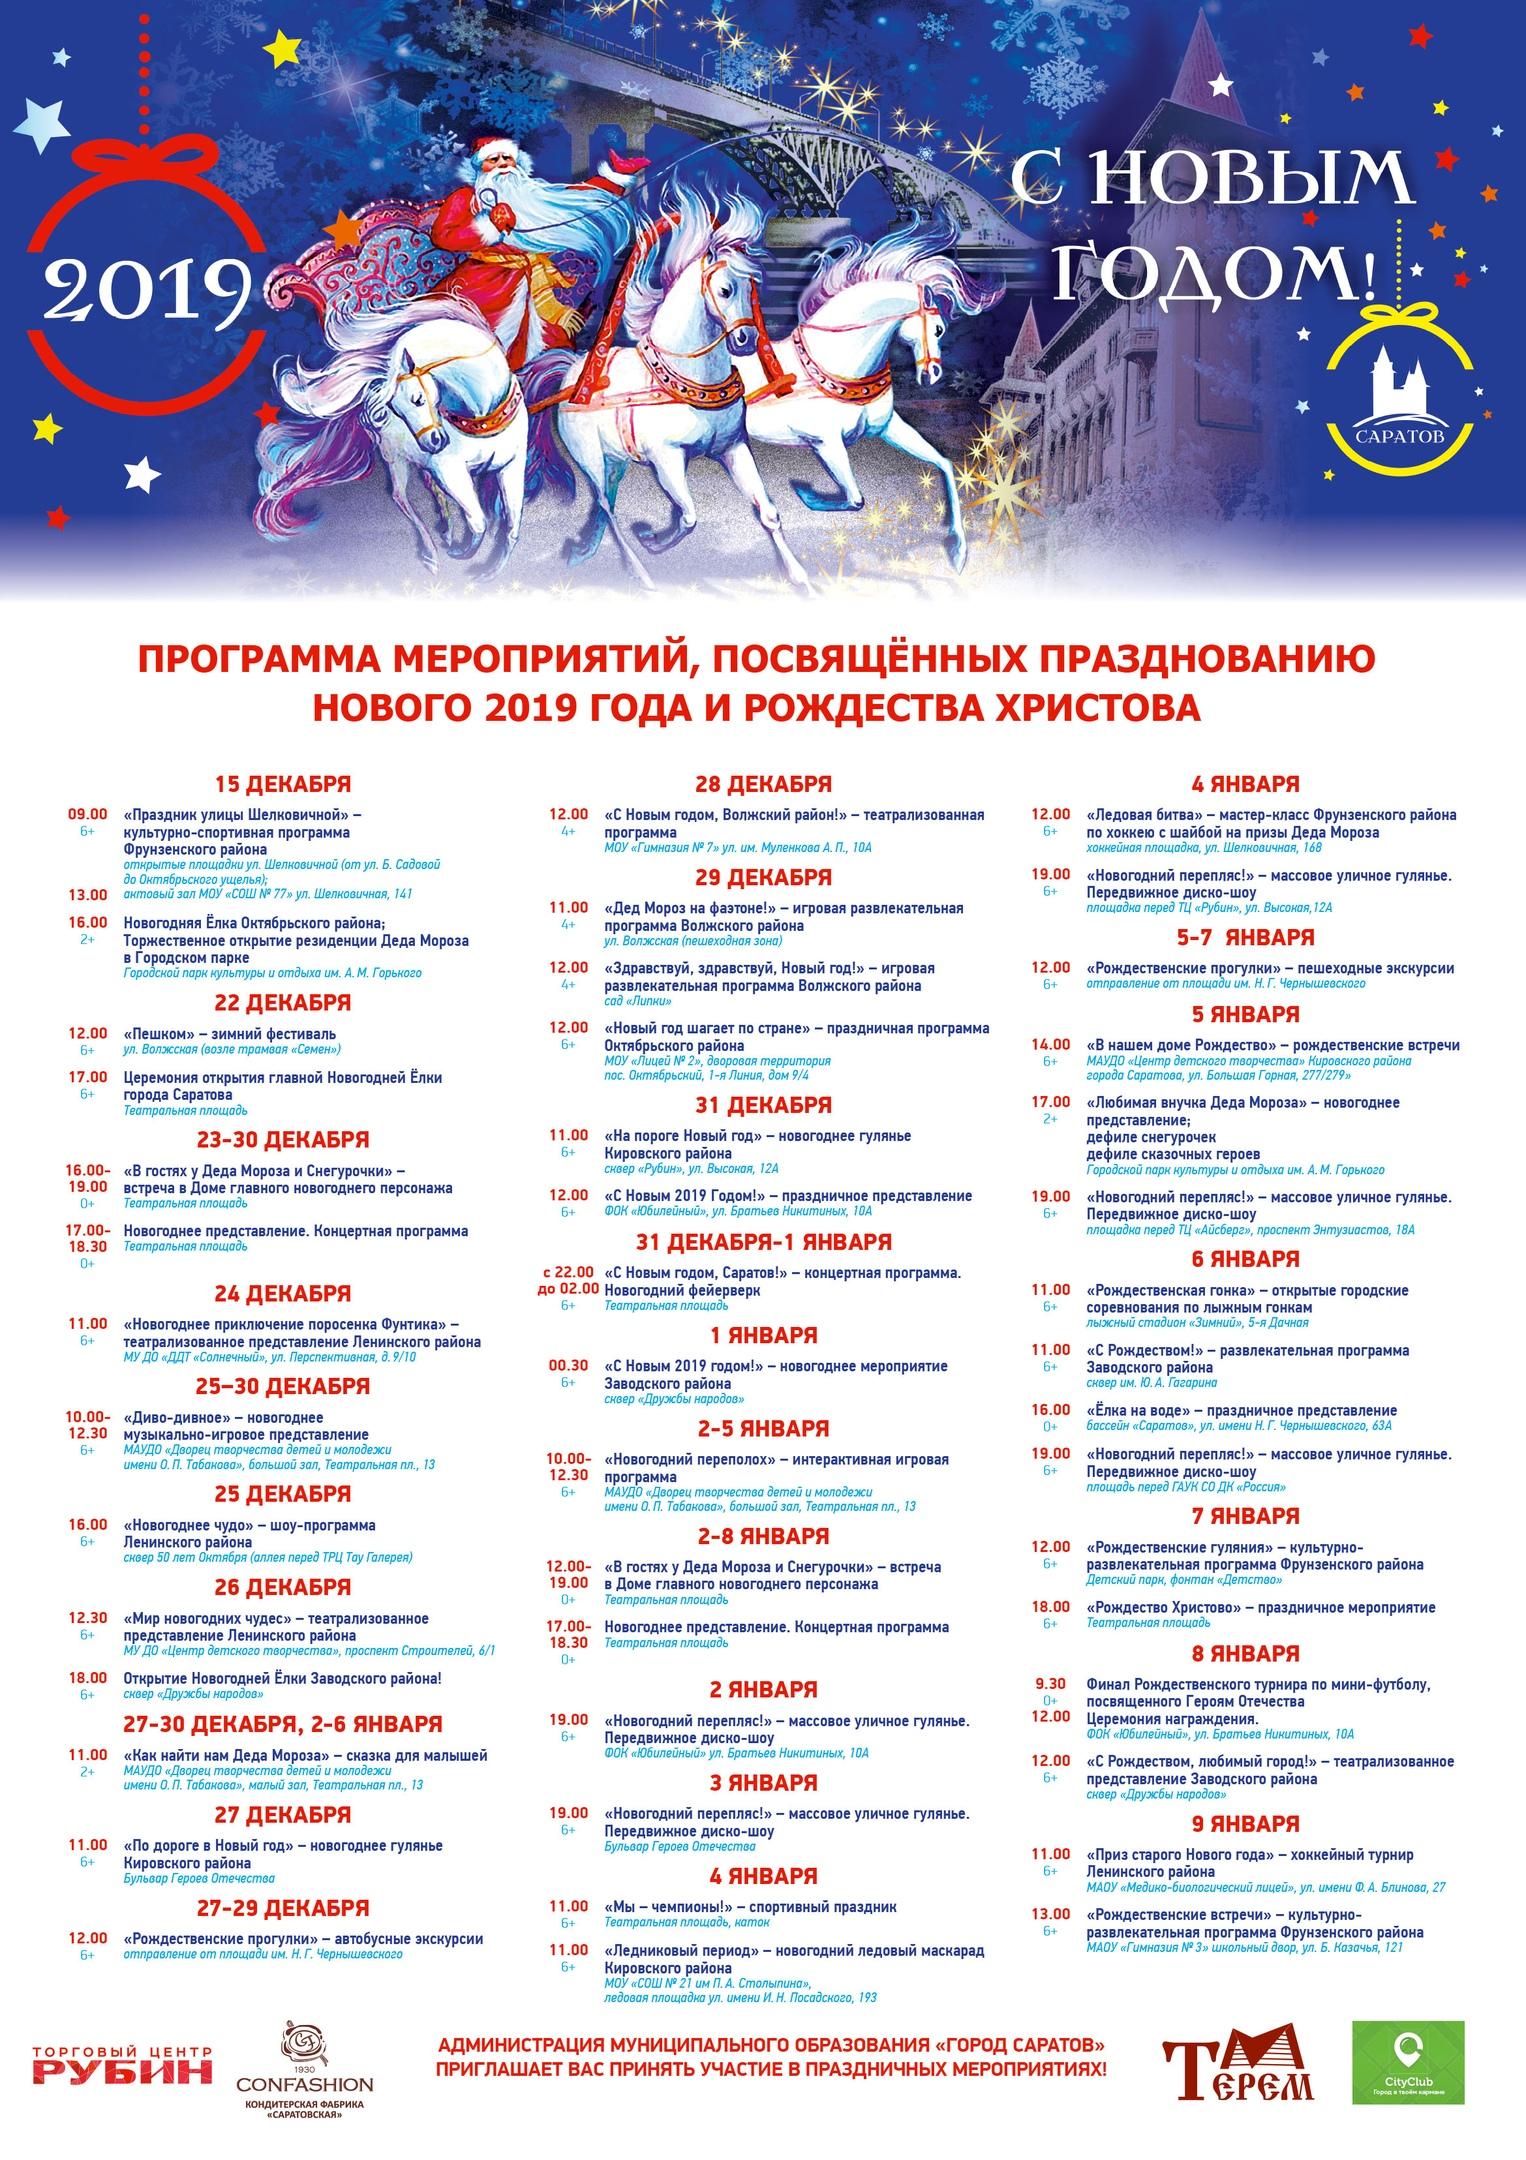 Афиша театров Саратова январь 2019 рекомендации